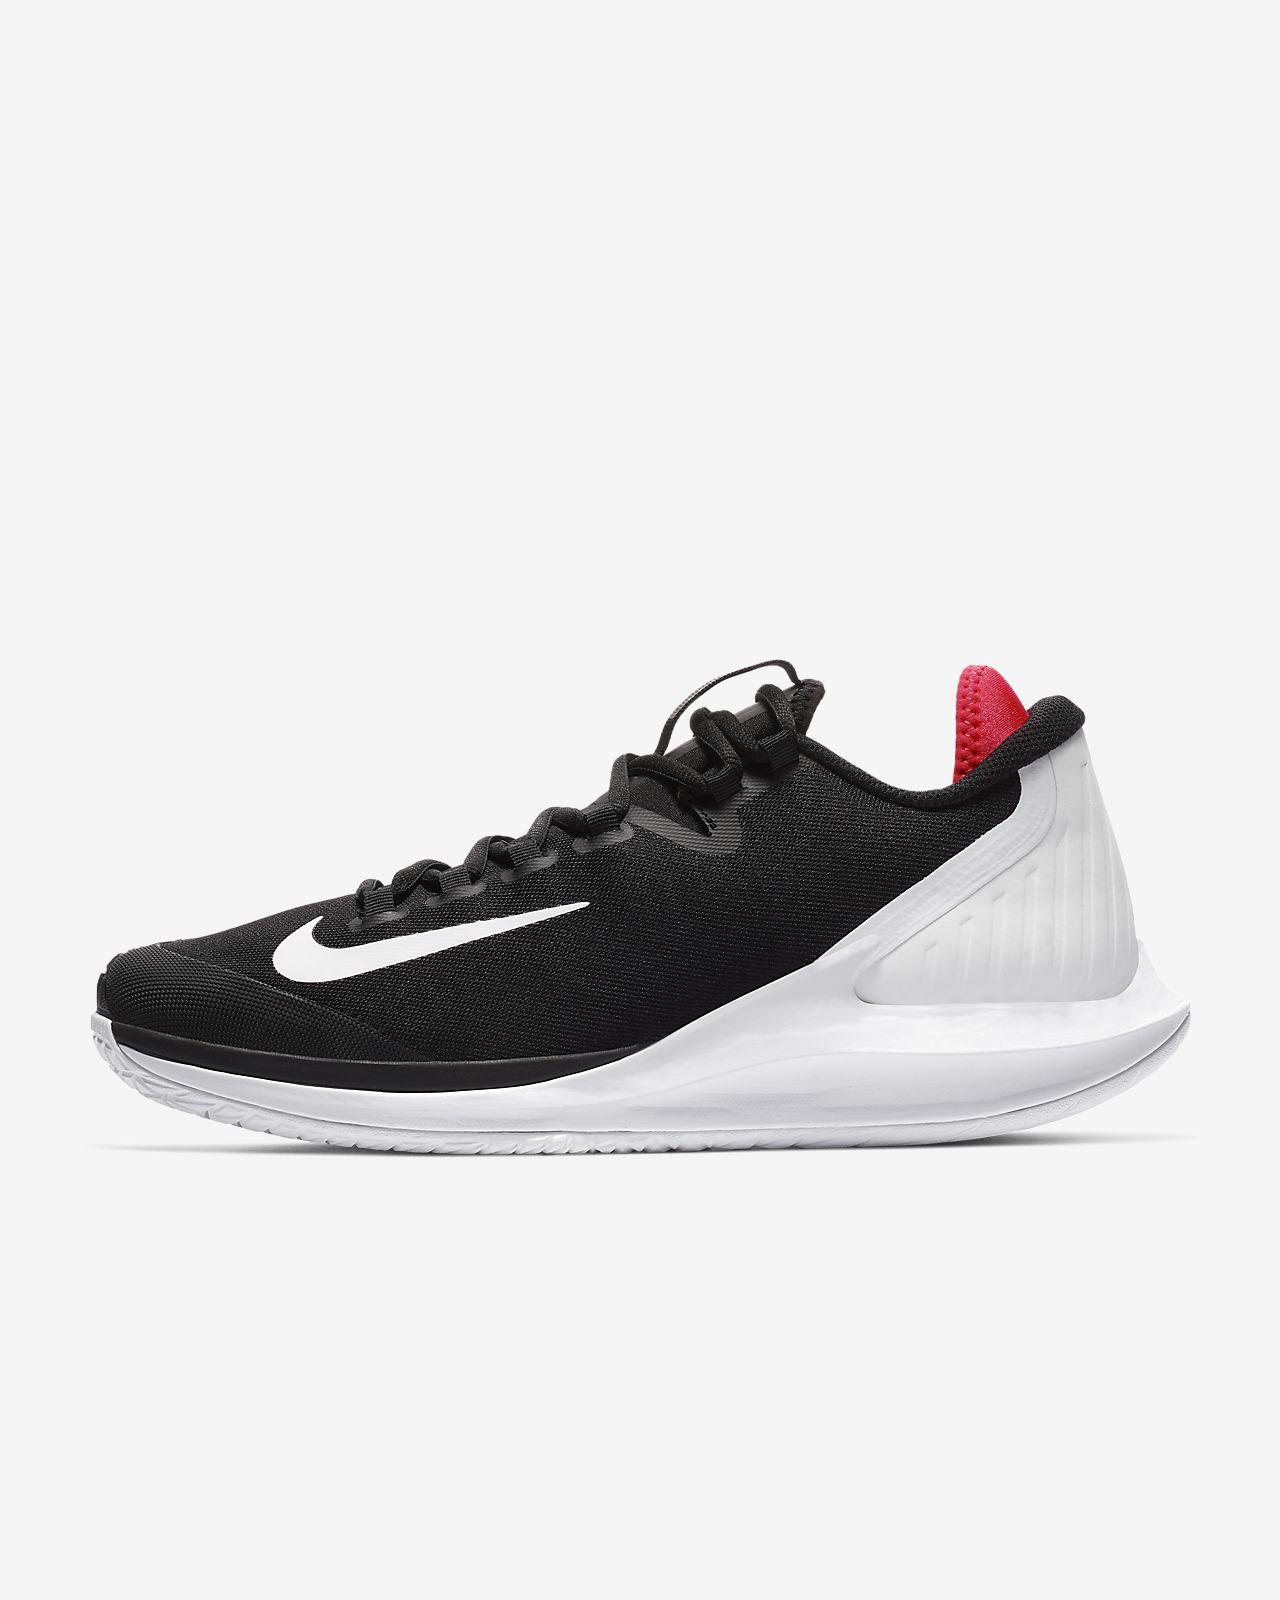 NikeCourt Air Zoom Zero Zapatillas de tenis - Hombre